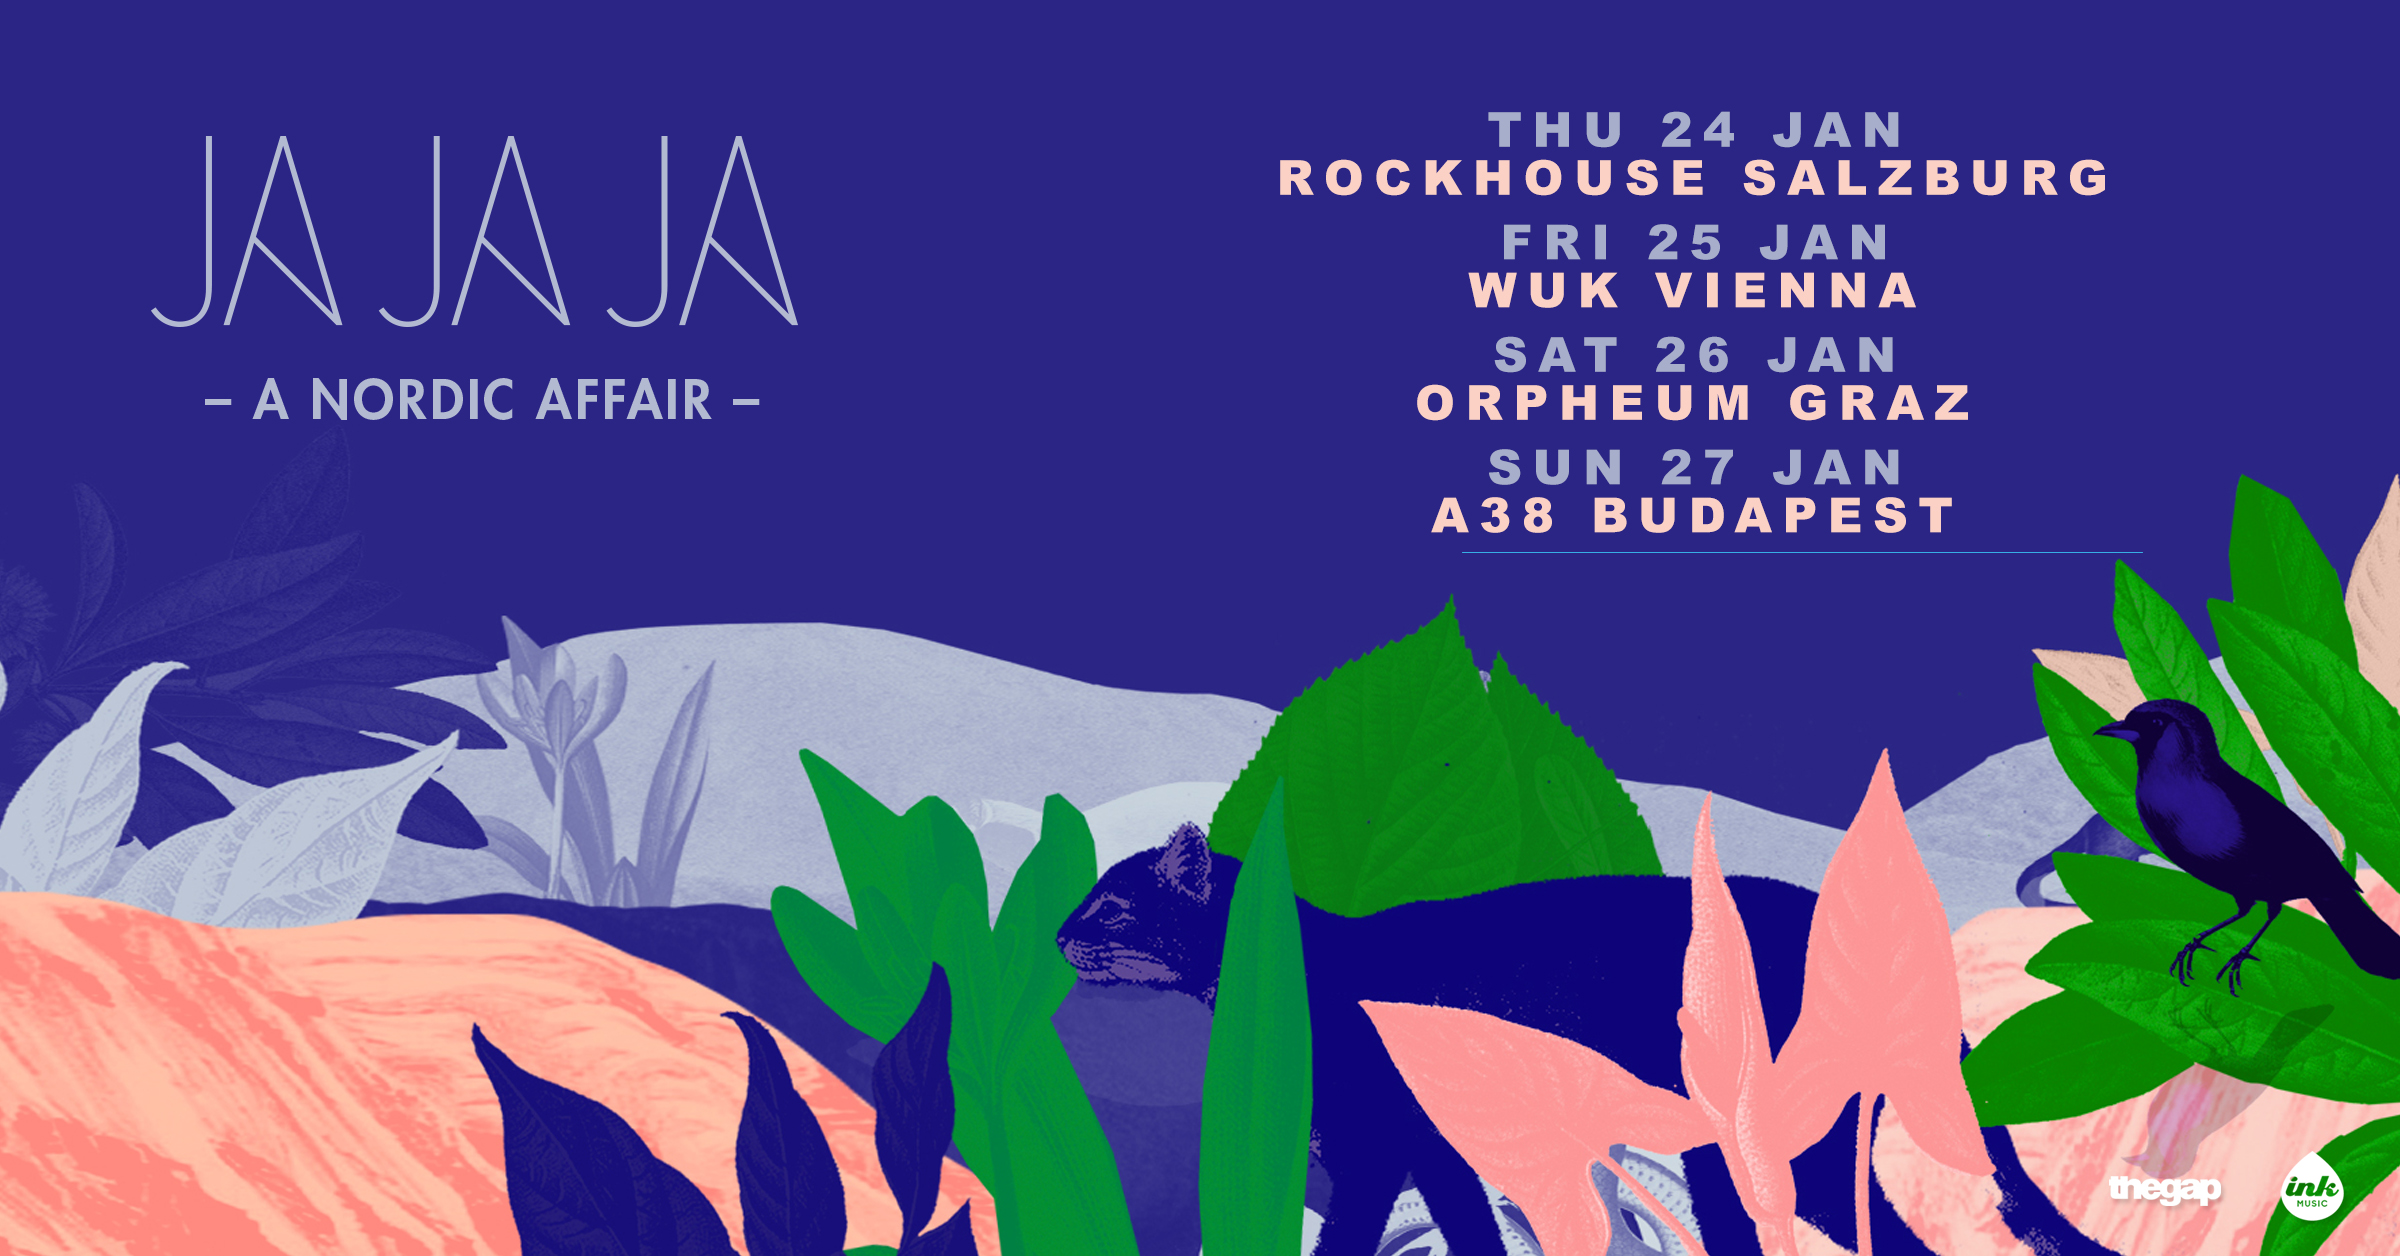 Ja Ja Ja Vienna: Jan 2019 with Iris Gold, Lake Jons, Great News, Lydmor